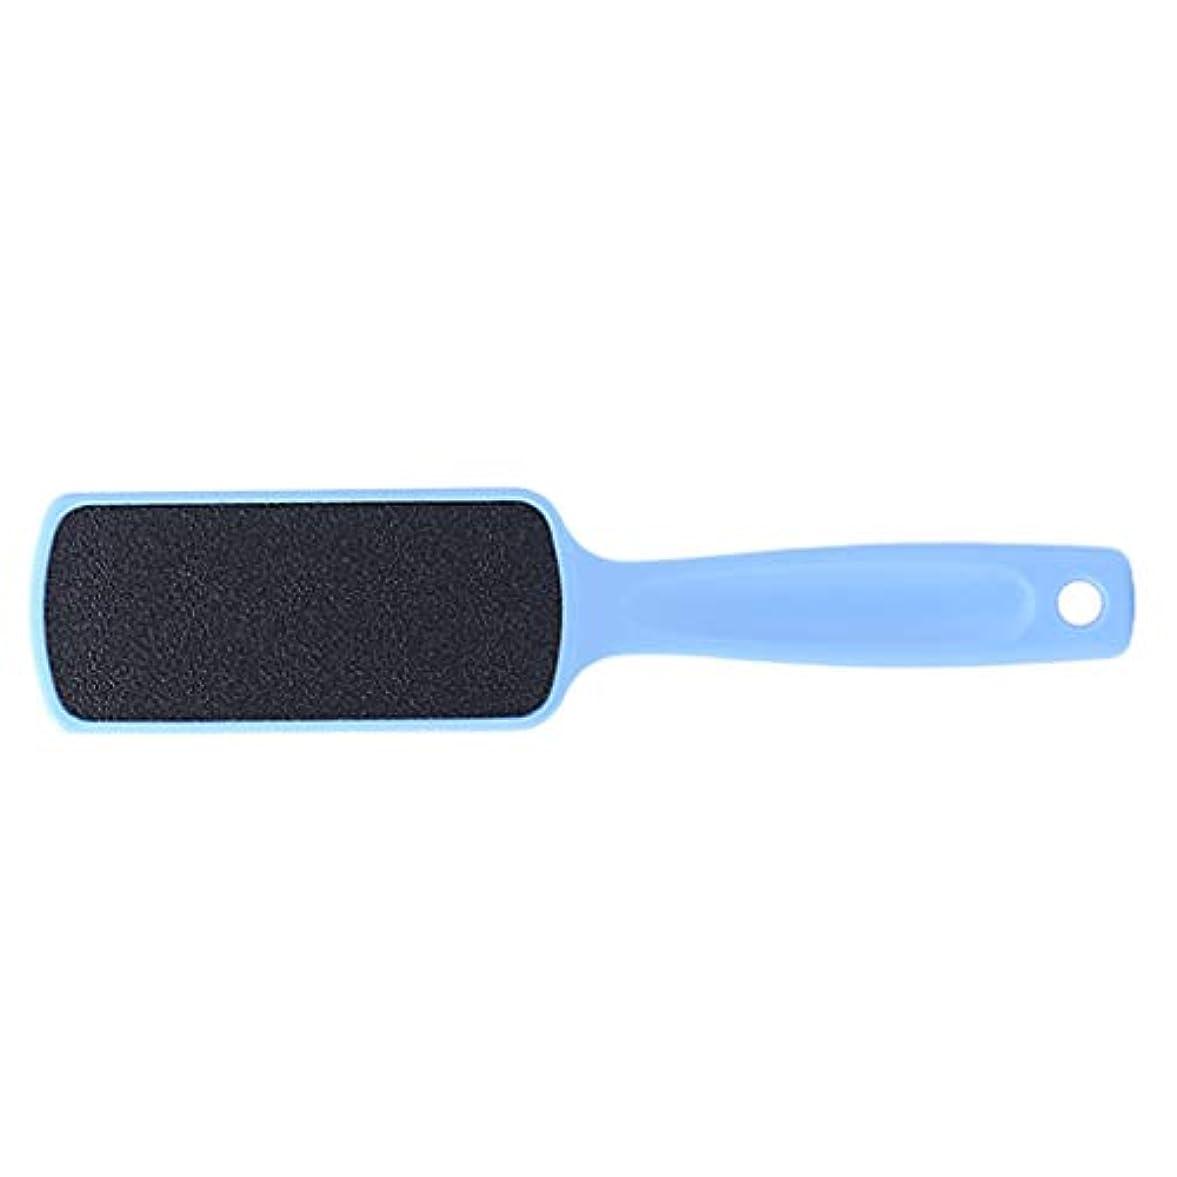 定義するドック抑止するSM SunniMix フットファイル 足ファイル 角質除去 角質リムーバー 長いハンドル 滑り止め 全3色 - ライトブルー